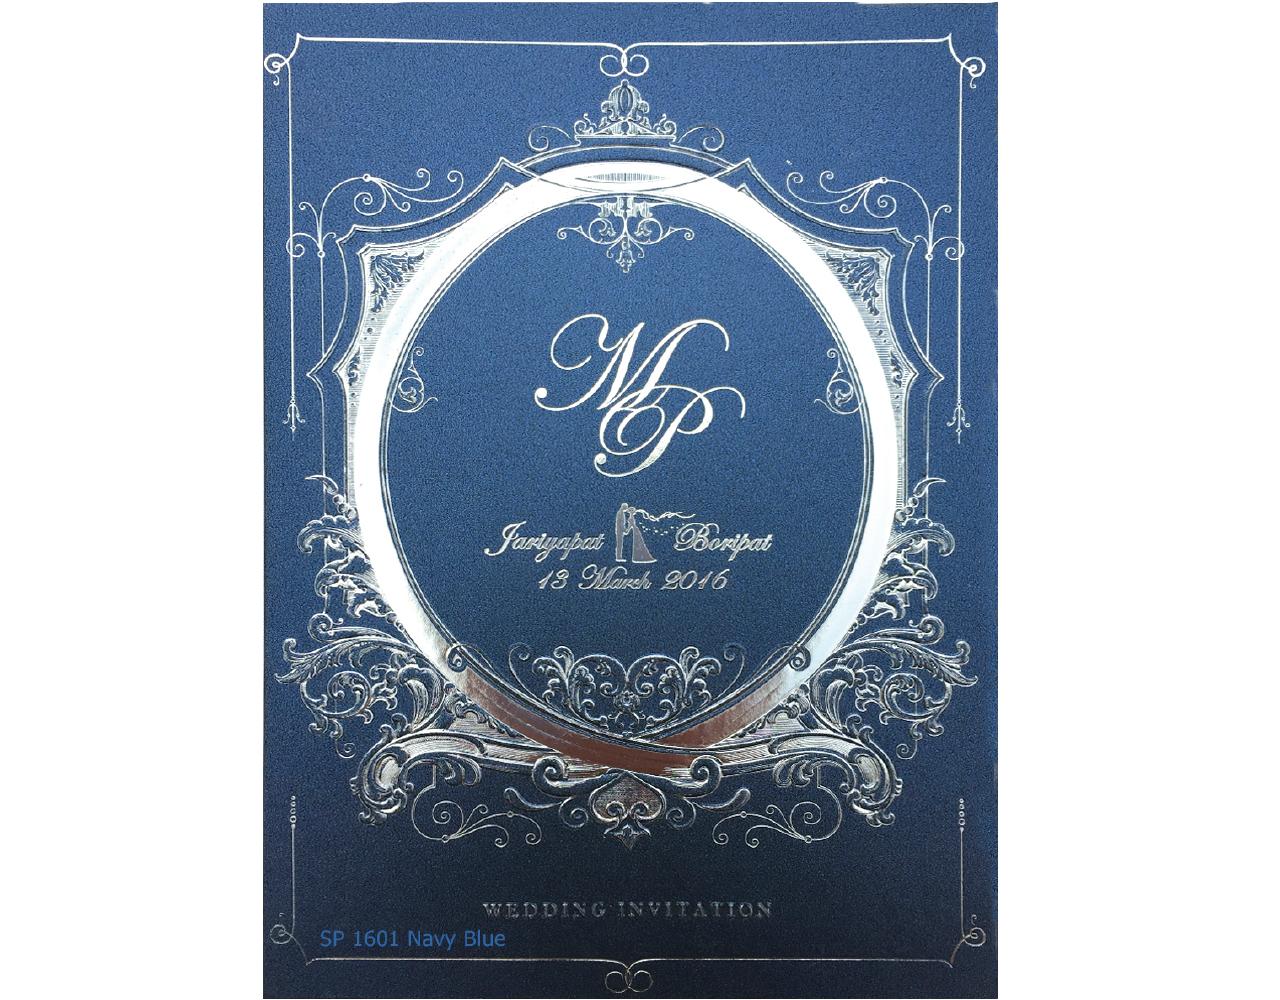 การ์ดแต่งงาน การ์ดเชิญ กระดาษมุกน้ำเงิน พิมพ์เคเงิน ปั๊มเงิน การ์ดพร้อมซอง wedding card 6x8.5 inch SP 1601 navy